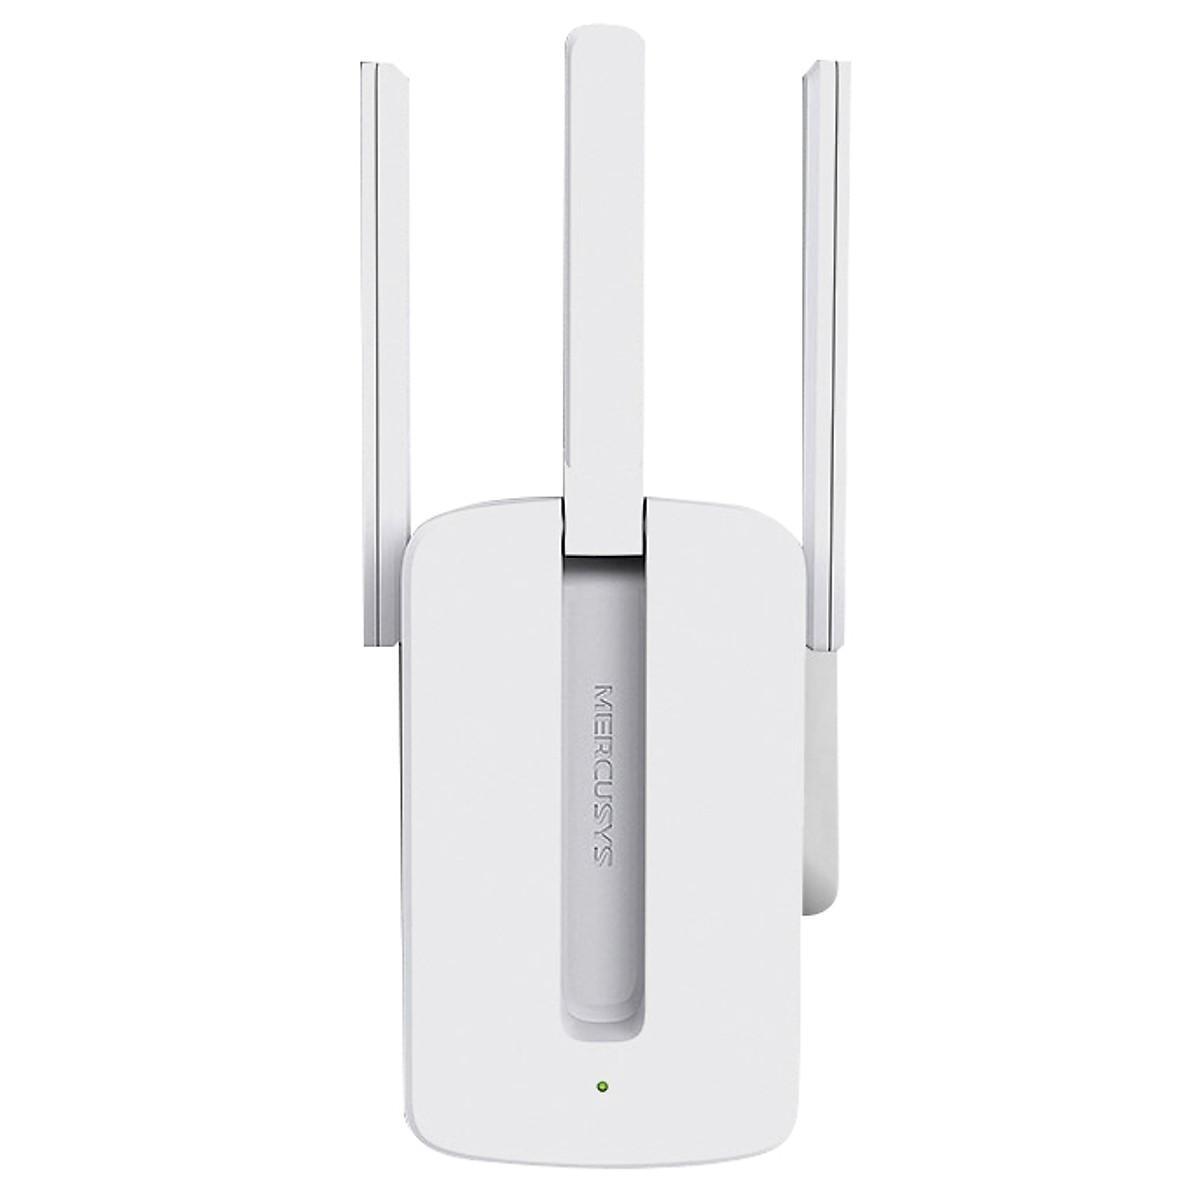 Giá Bộ Kích Sóng Wifi Repeater 300Mbps Mercusys MW300RE